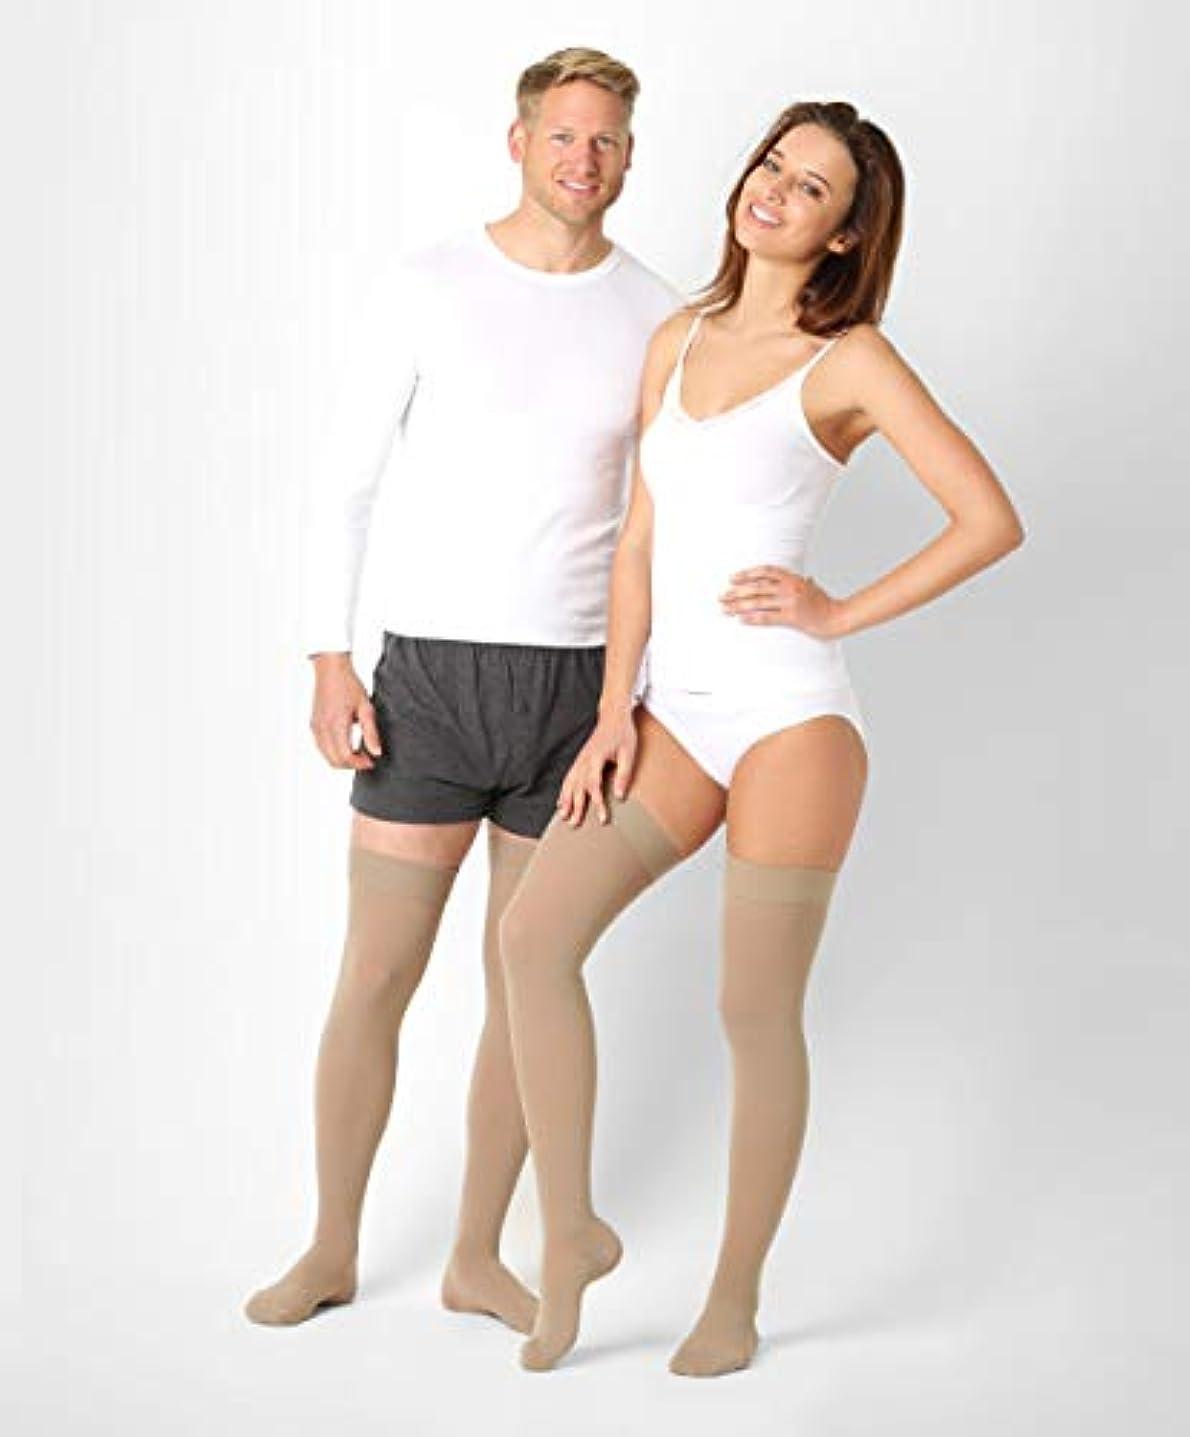 癒すペリスコープ詳細にBeFit24 医療用着圧ストッキング クラス 1 (18-21 mmHg) 男性?女性用 ーあらゆるラ イフスタイルのニーズに対応ー ヨーロッパ製 X-Large Beige